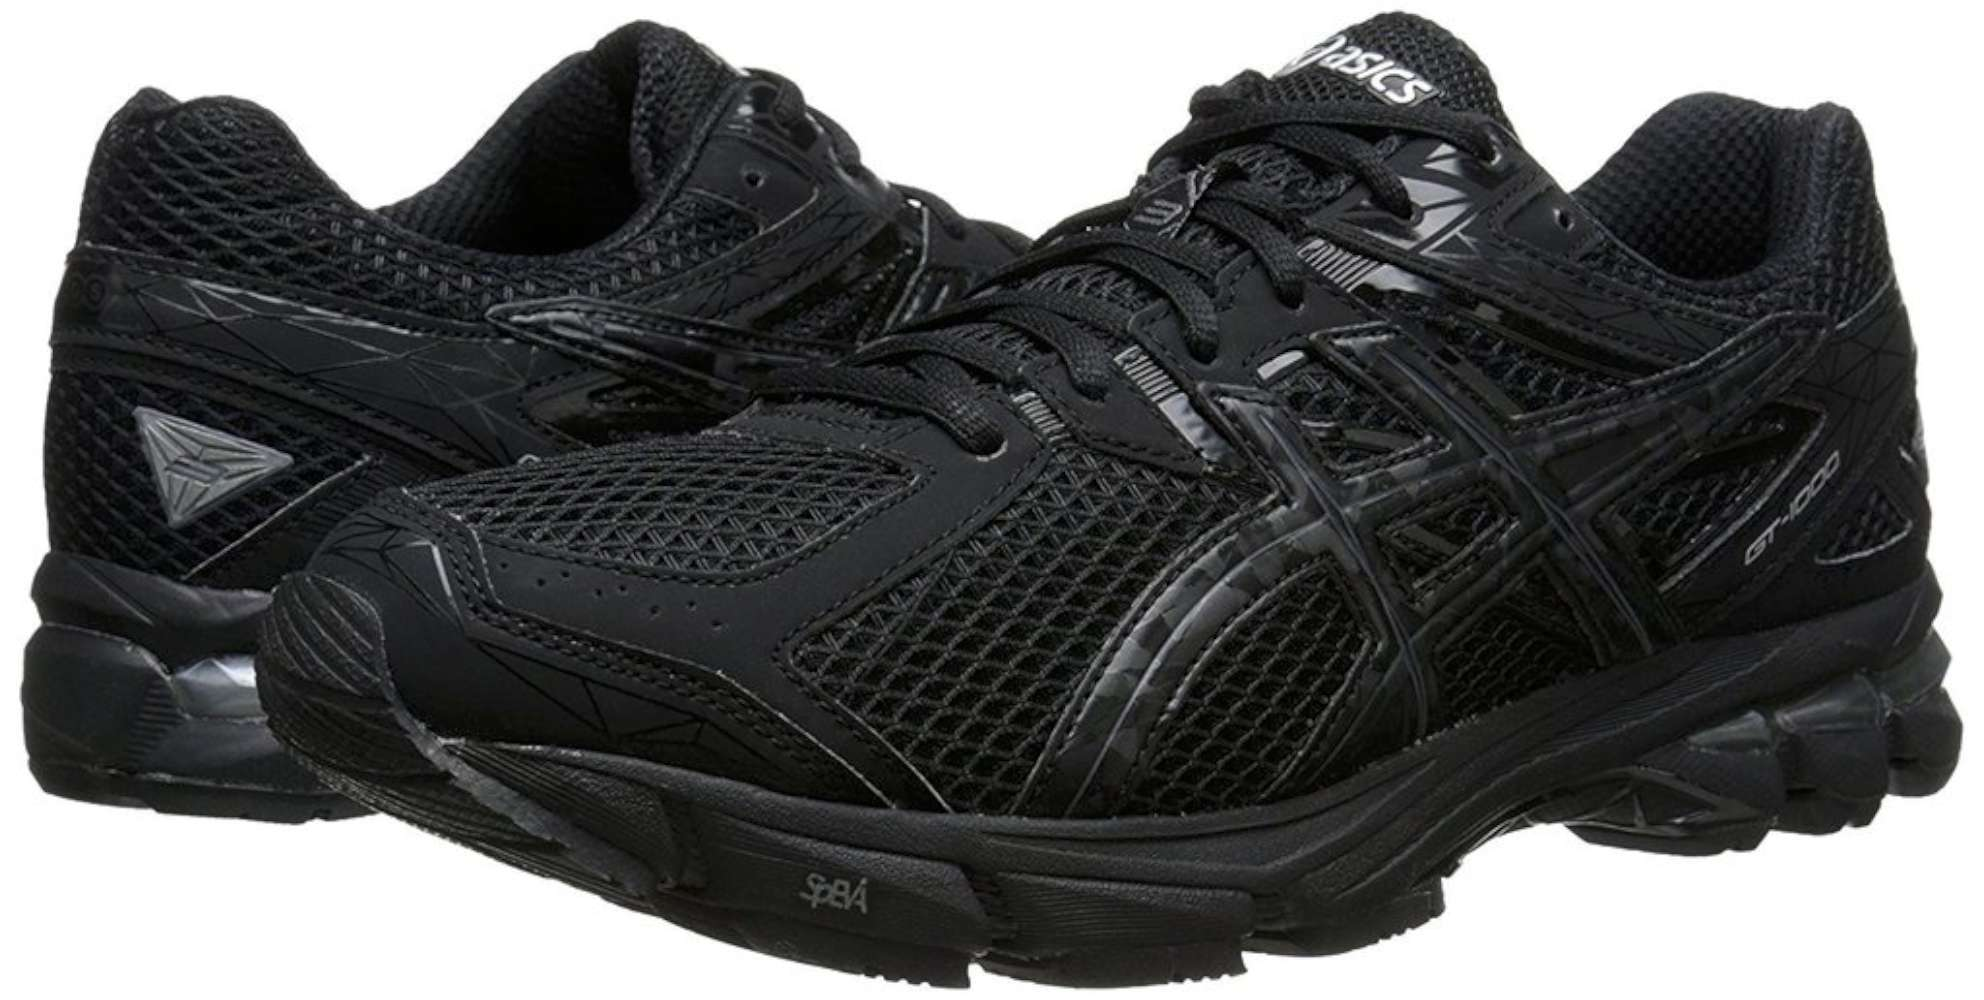 Asics Men's Gt-1000 3 M Black/Onyx/Lightning Ankle-High Tennis Shoe - 7.5M